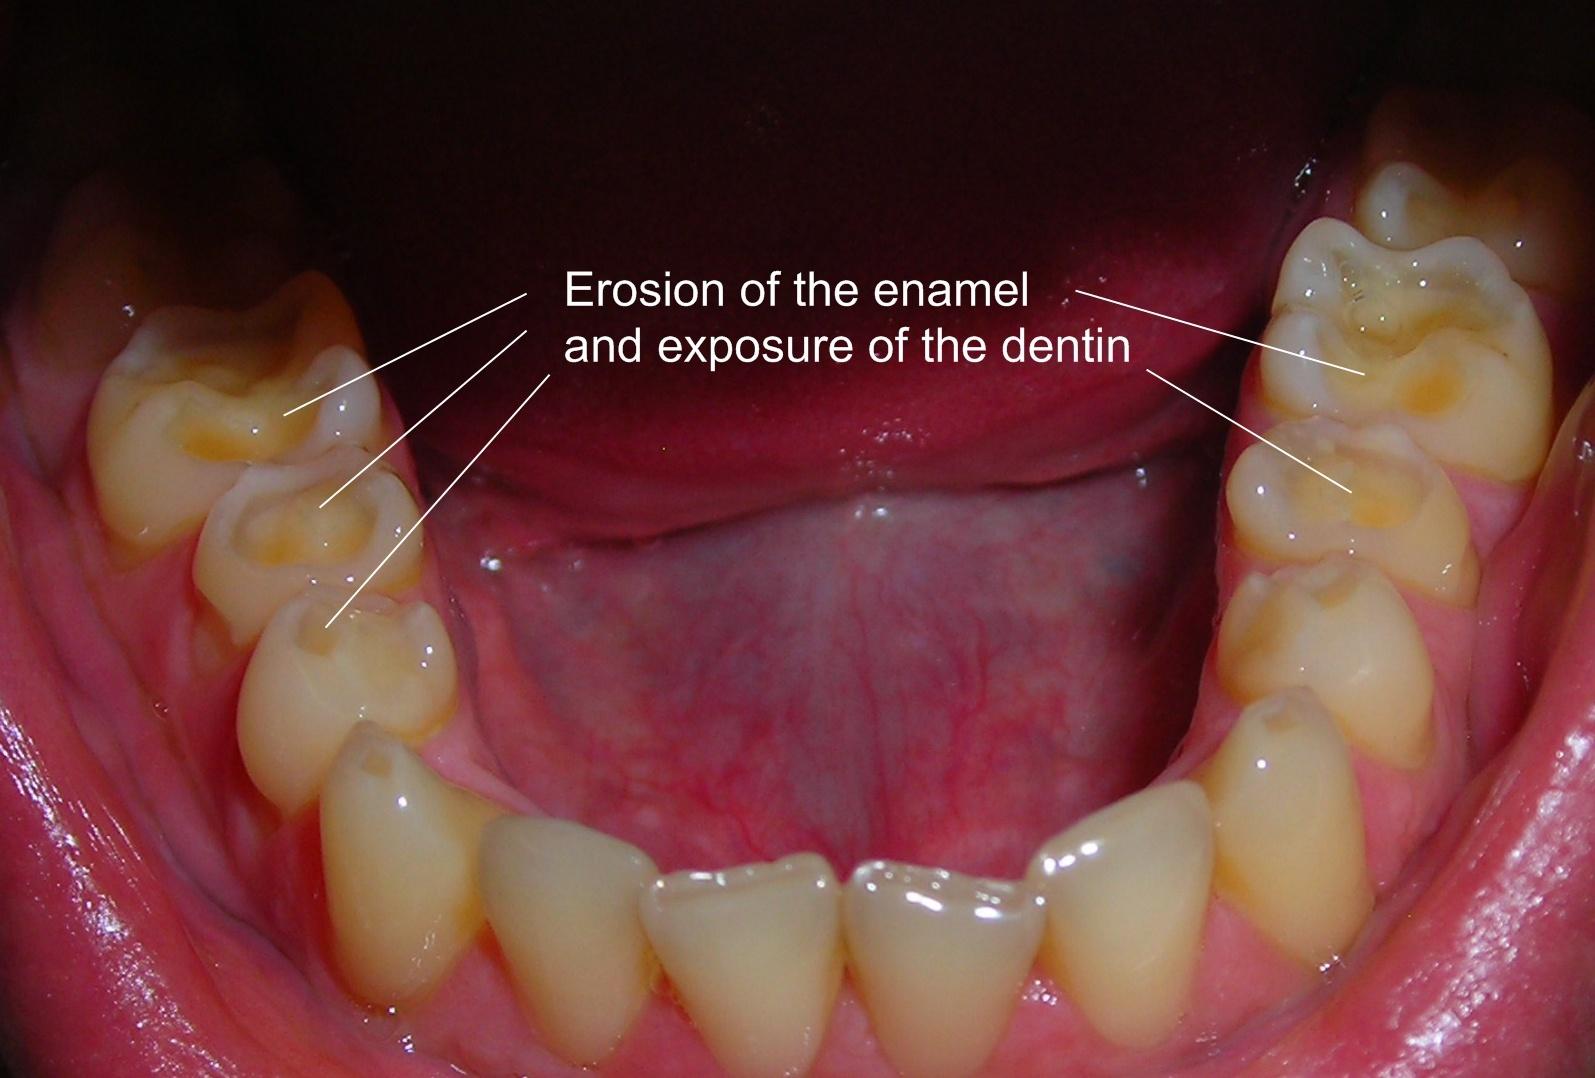 Enamel Erosion